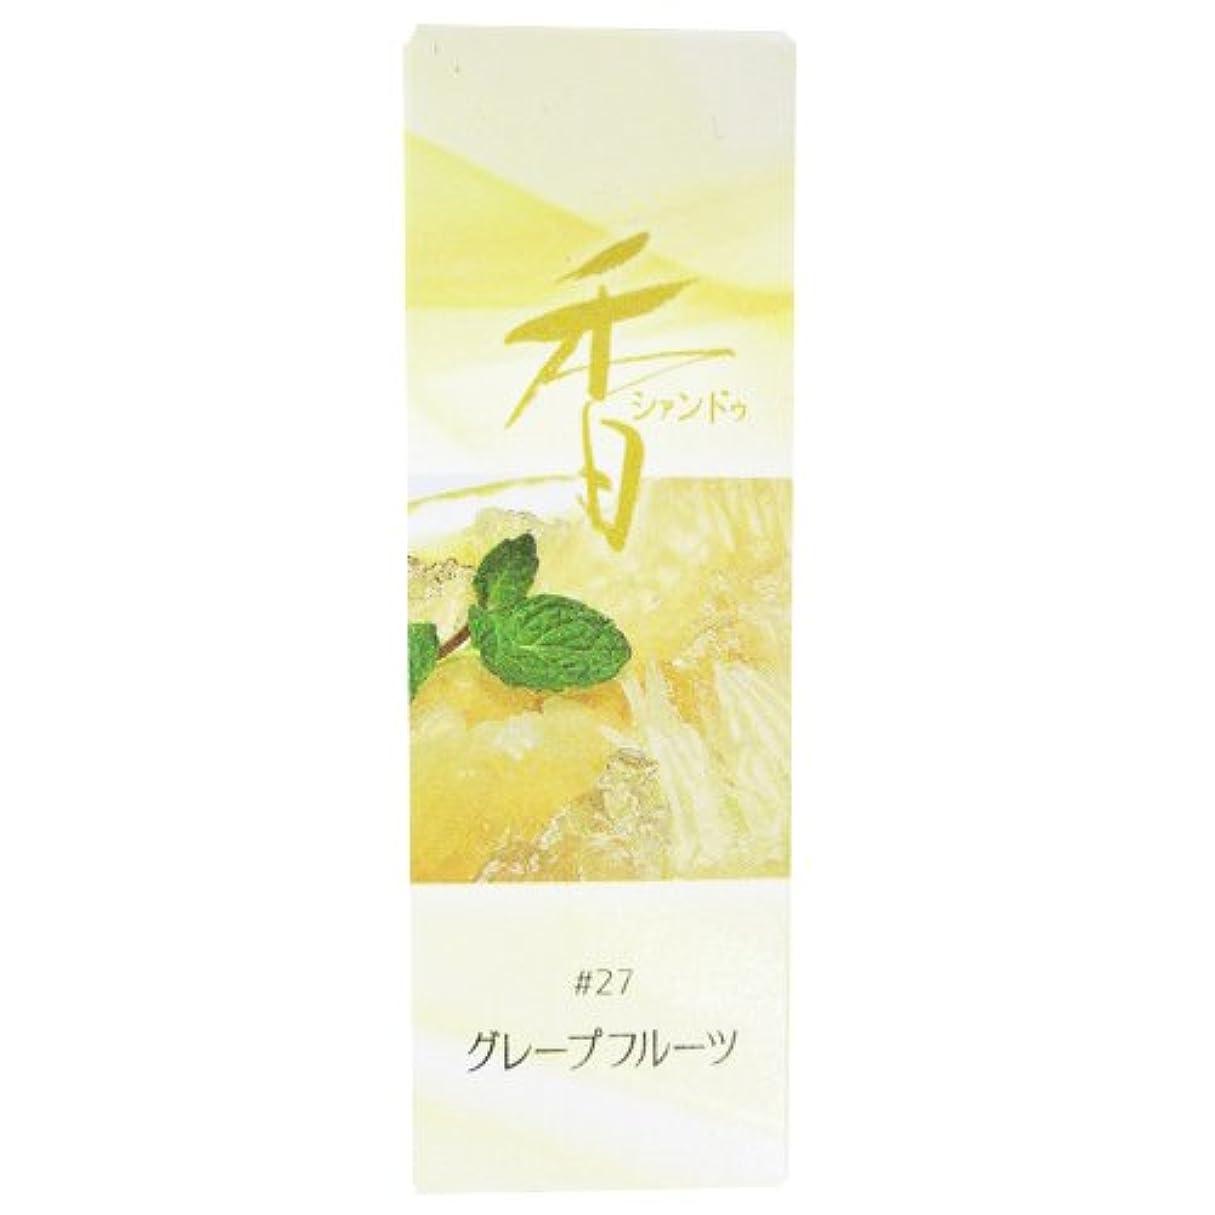 瞑想するはっきりしない取得松栄堂のお香 Xiang Do(シャンドゥ) グレープフルーツ ST20本入 簡易香立付 #214227